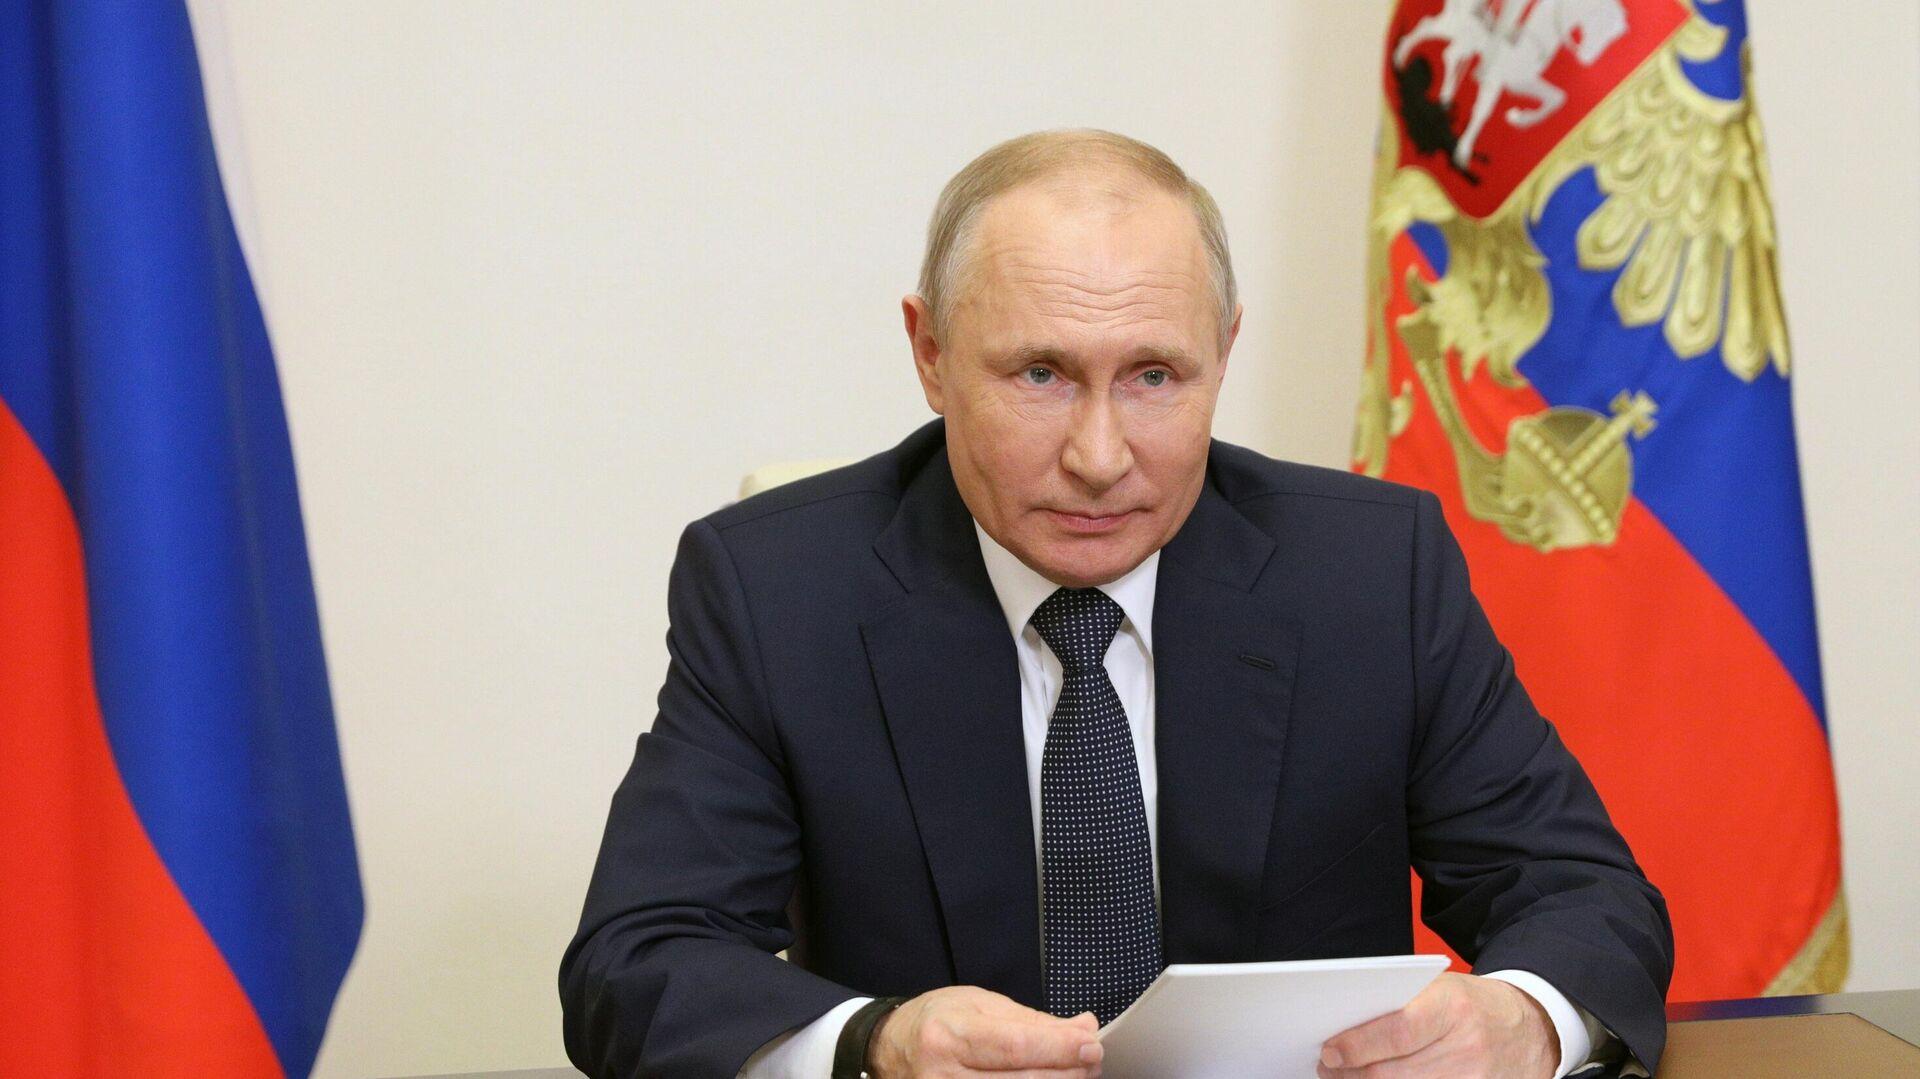 Путин призвал создать целостную систему стратегического планирования